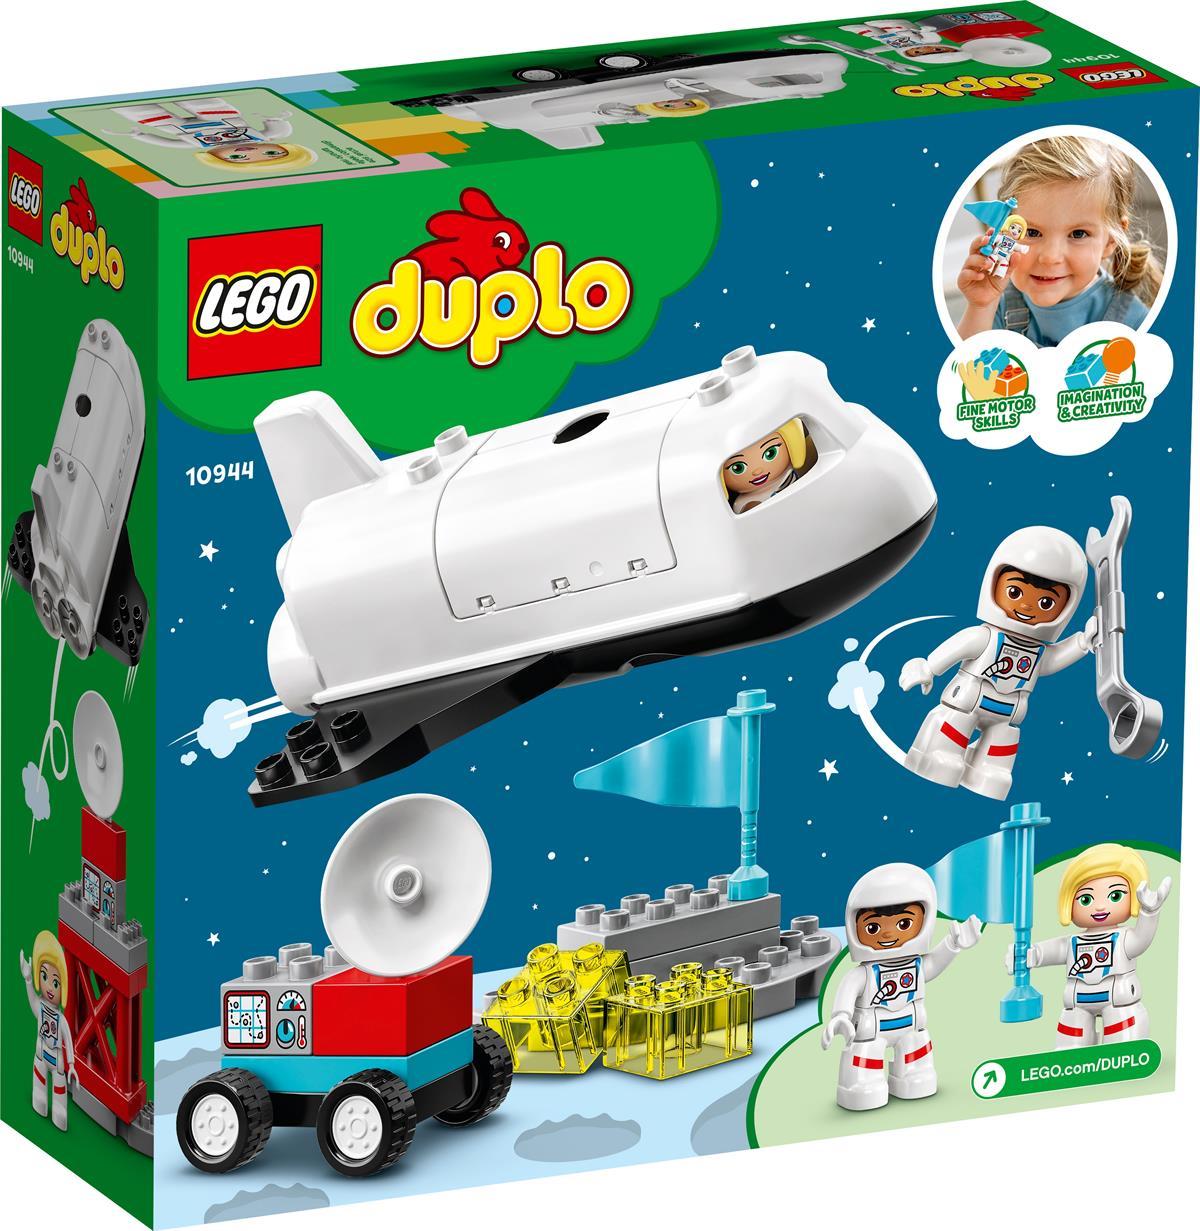 LEGO 10944 MISSIONE DELLO SPACE SHUTTLE DUPLO